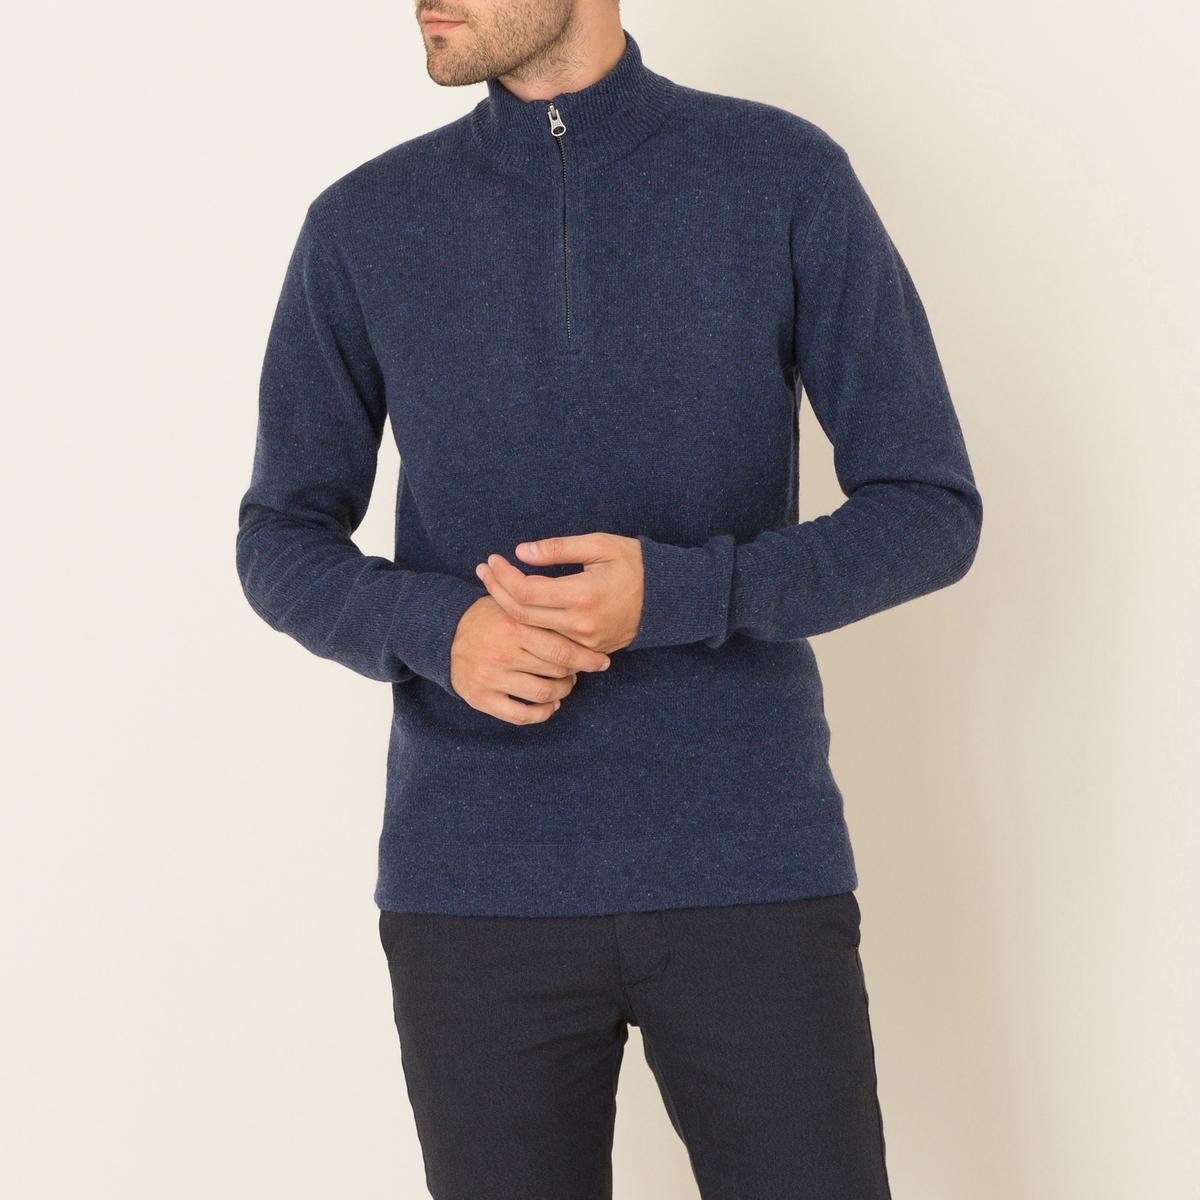 Пуловер с воротником на молнииСостав и описание Материал : 100% мериносовой шерстиМарка : HARTFORD<br><br>Цвет: индиго<br>Размер: L